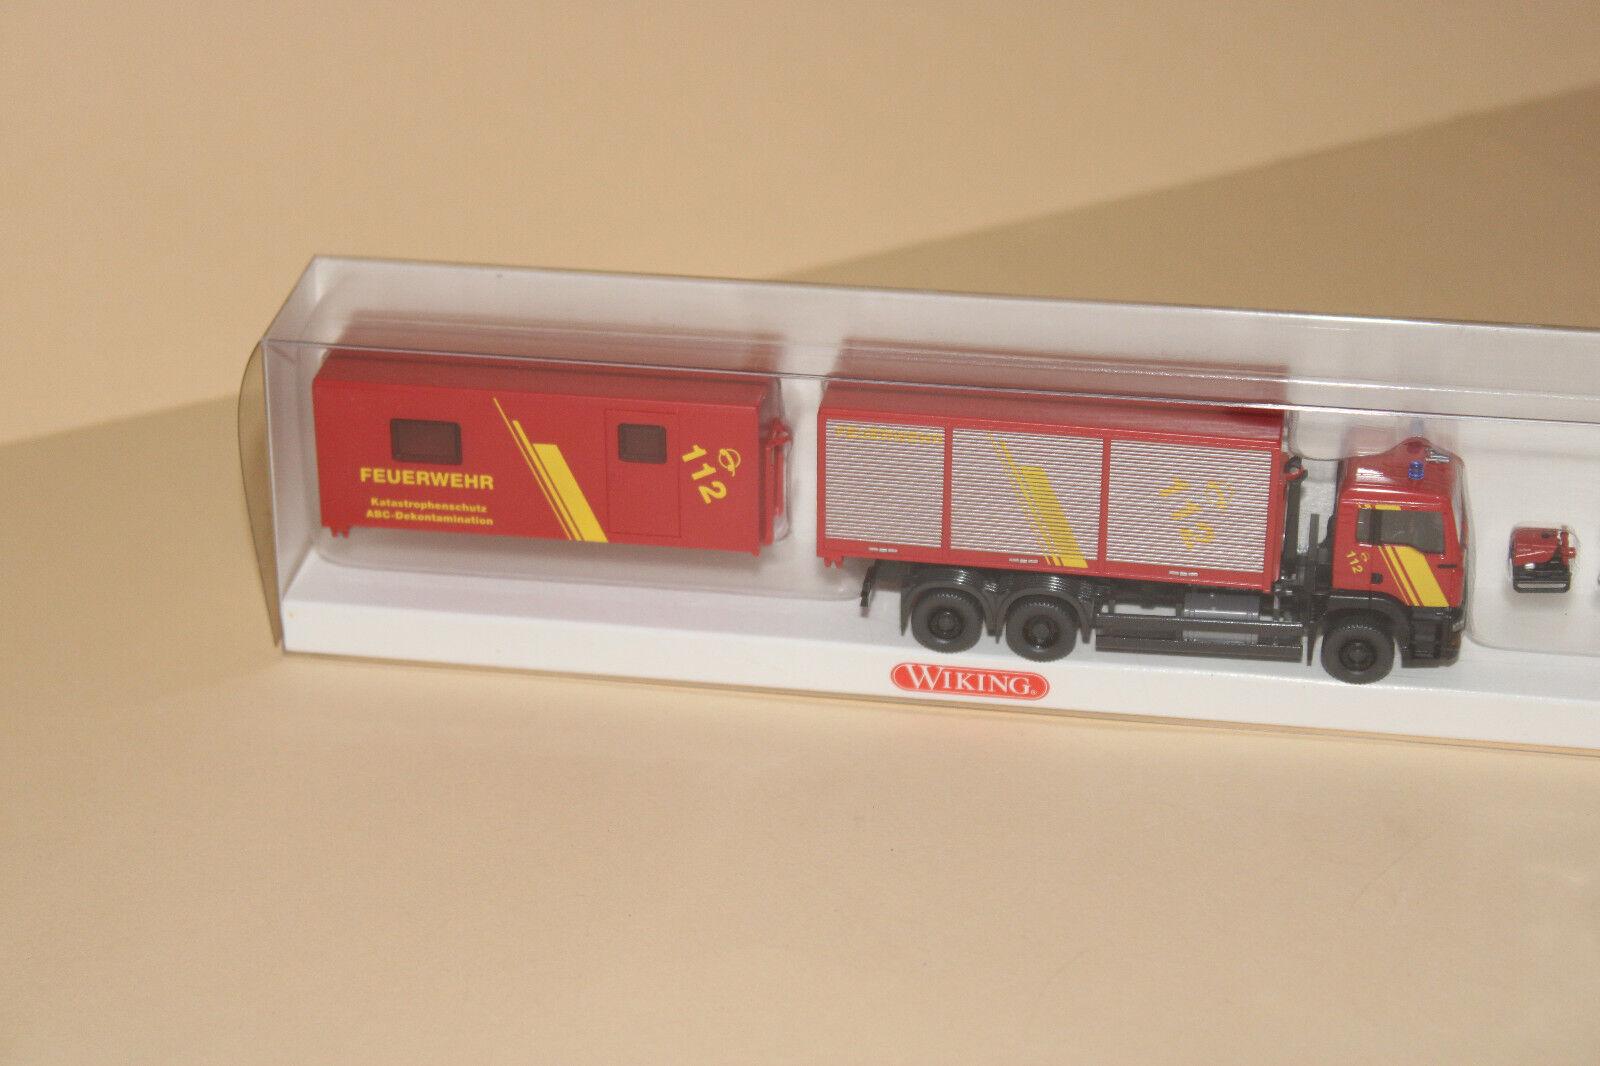 Wiking 06250343    Feuerwehr-Set mit OVP 60b45a